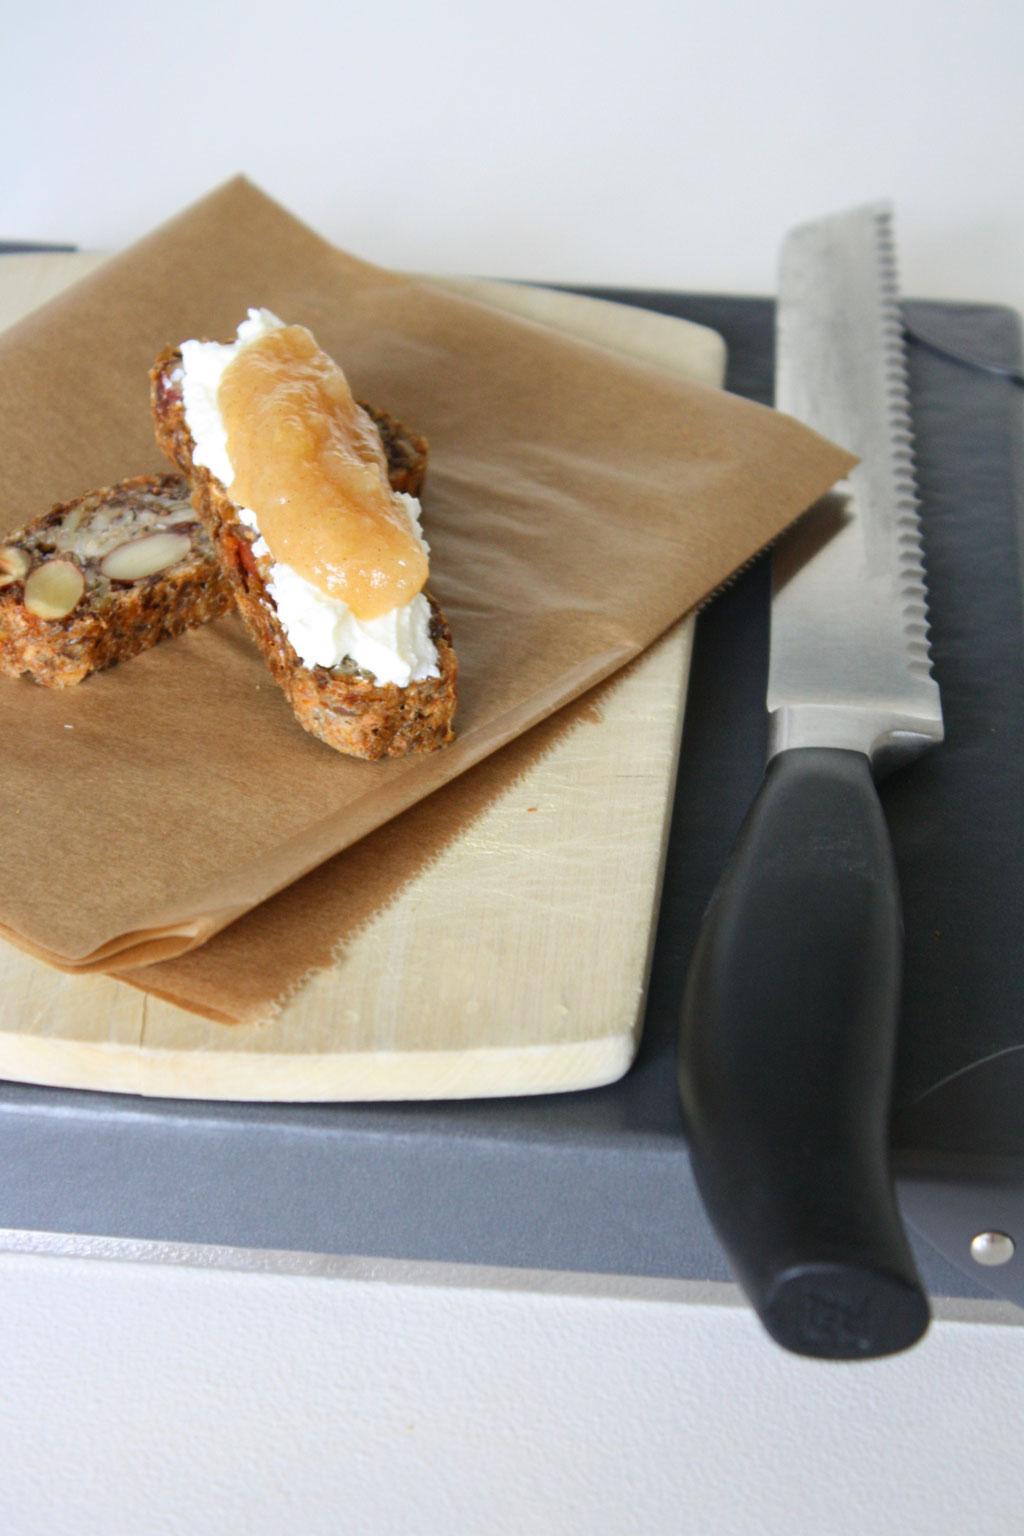 Das leckere, vegane, glutunfreie Life Changing Bread von Urban Detox Concept mit einem leckeren Rezept für einen weihnachtlichen Brotaufstrich.